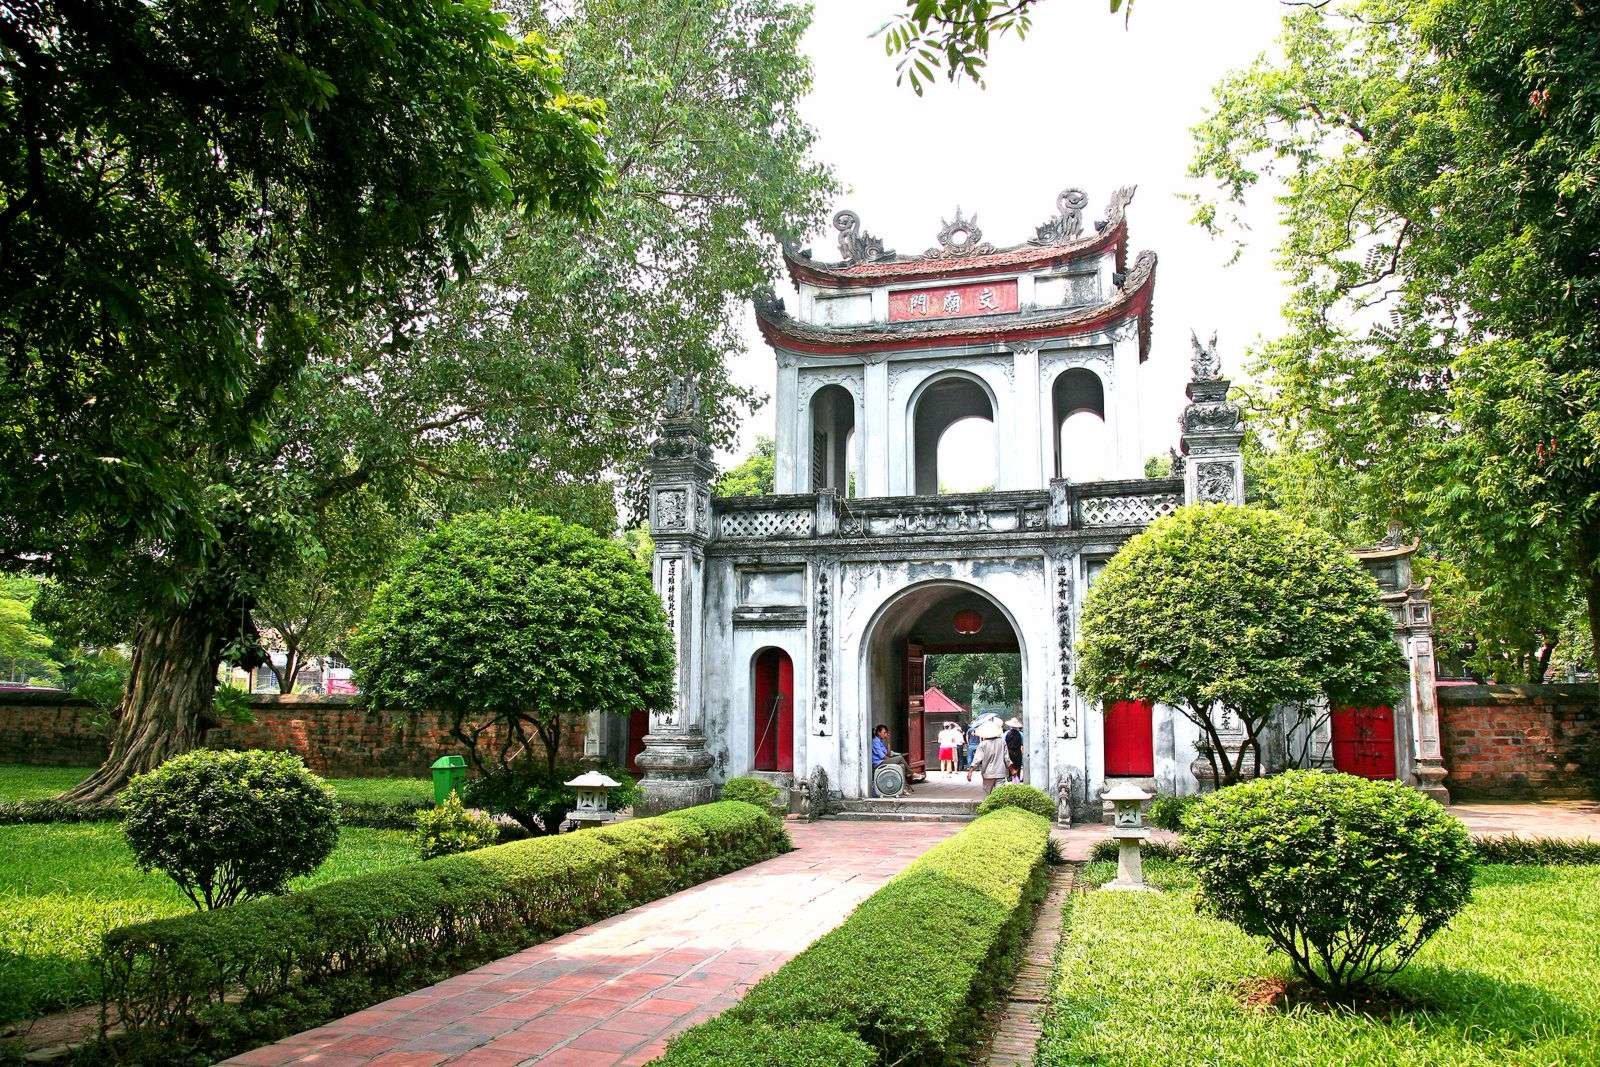 4-Day Hanoi & Halong Bay - Vietnam Itinerary